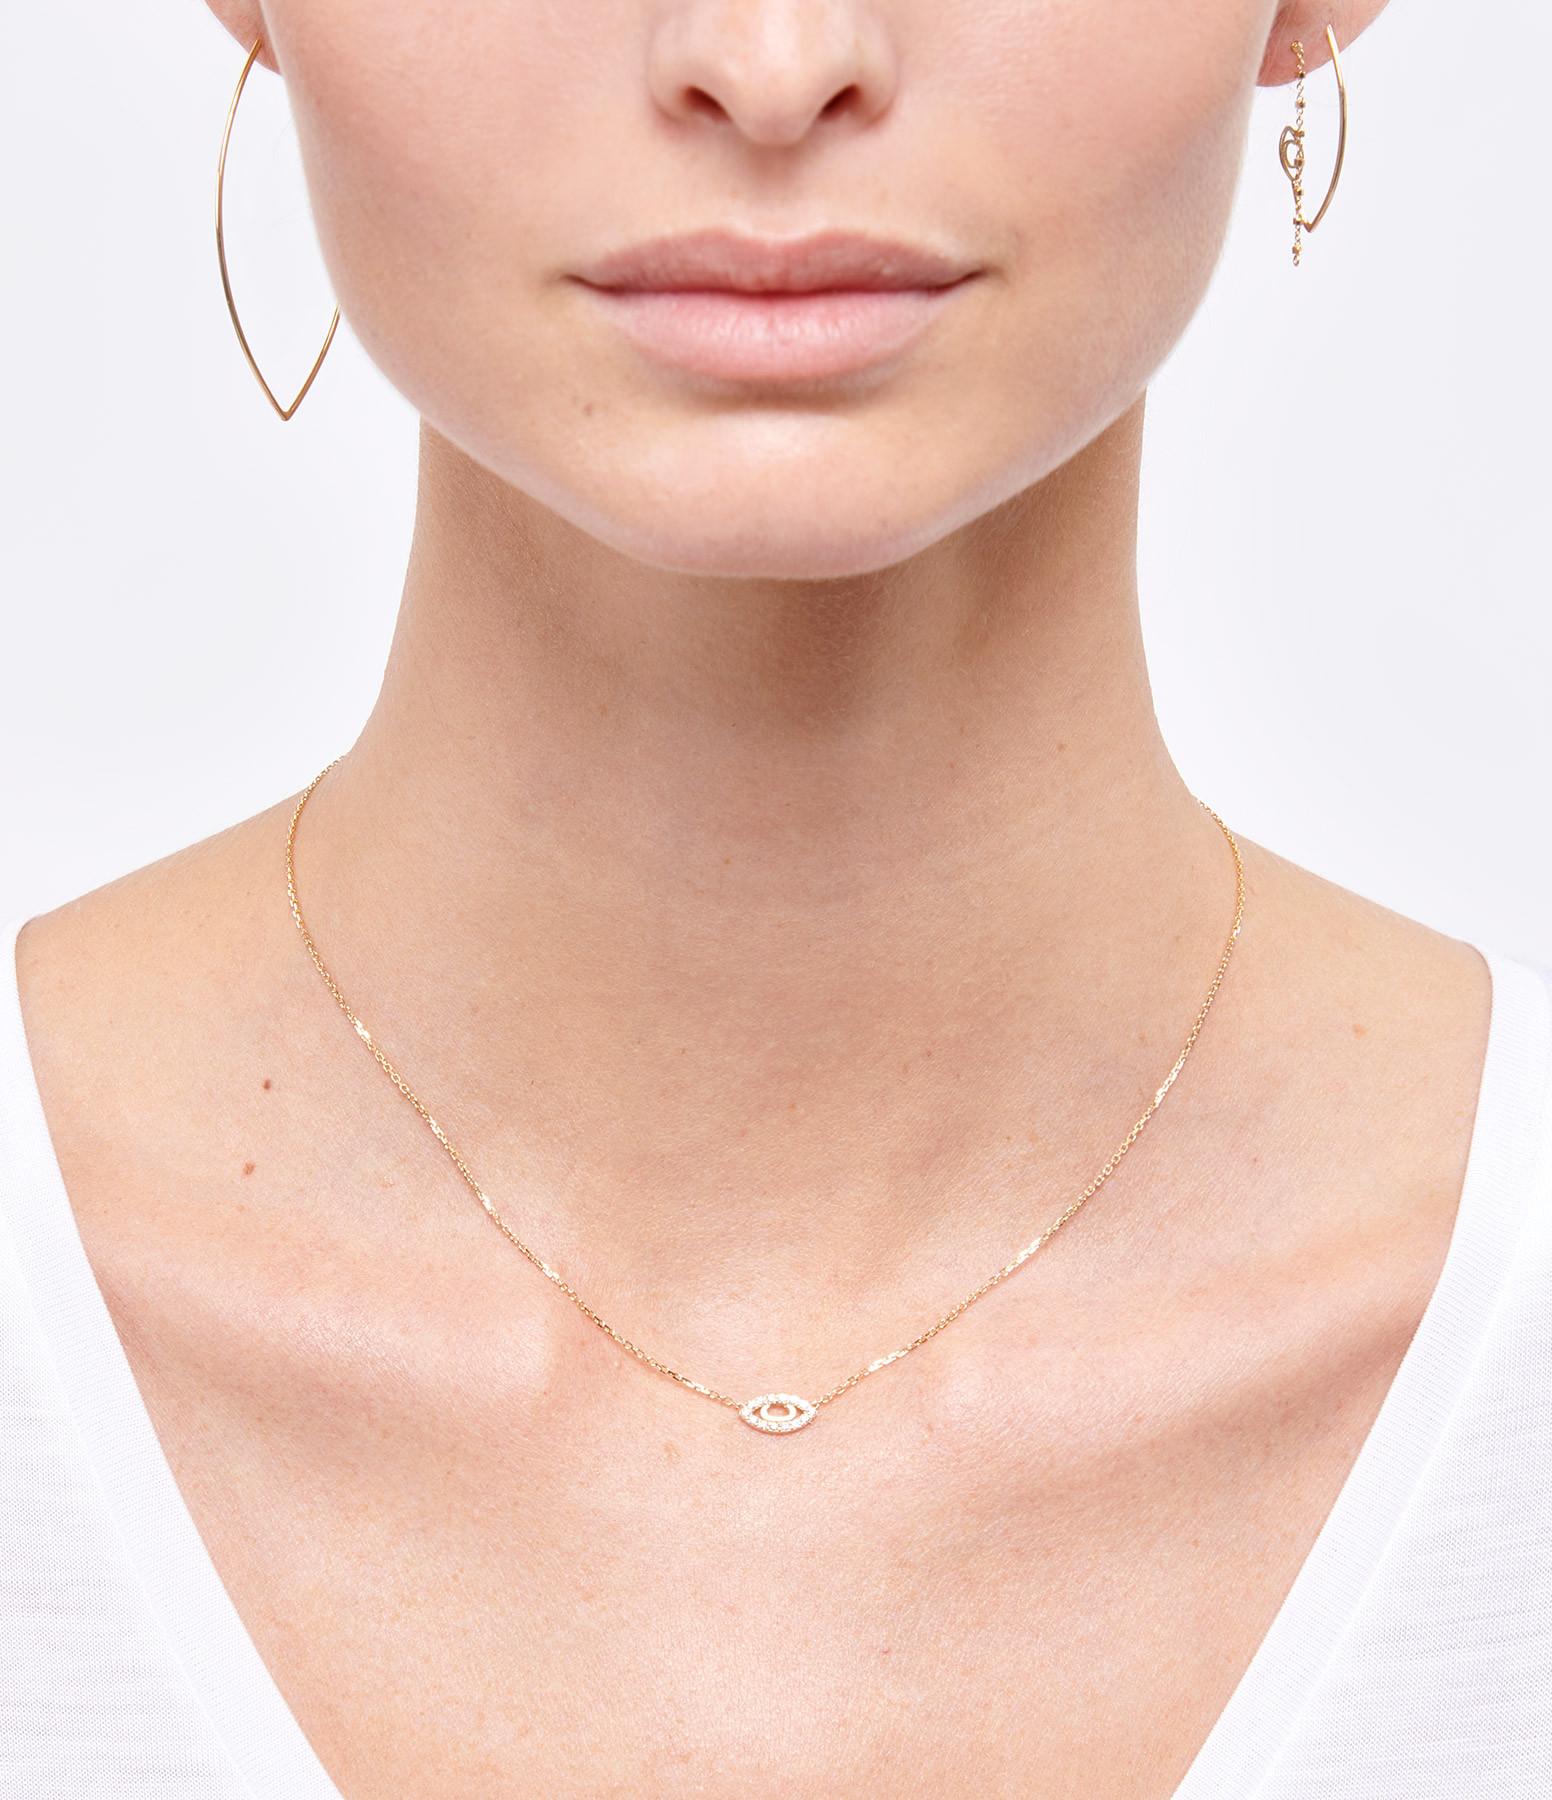 CHARLET - Demi-créole Iris Grand Modèle Or Jaune (vendue à l'unité)